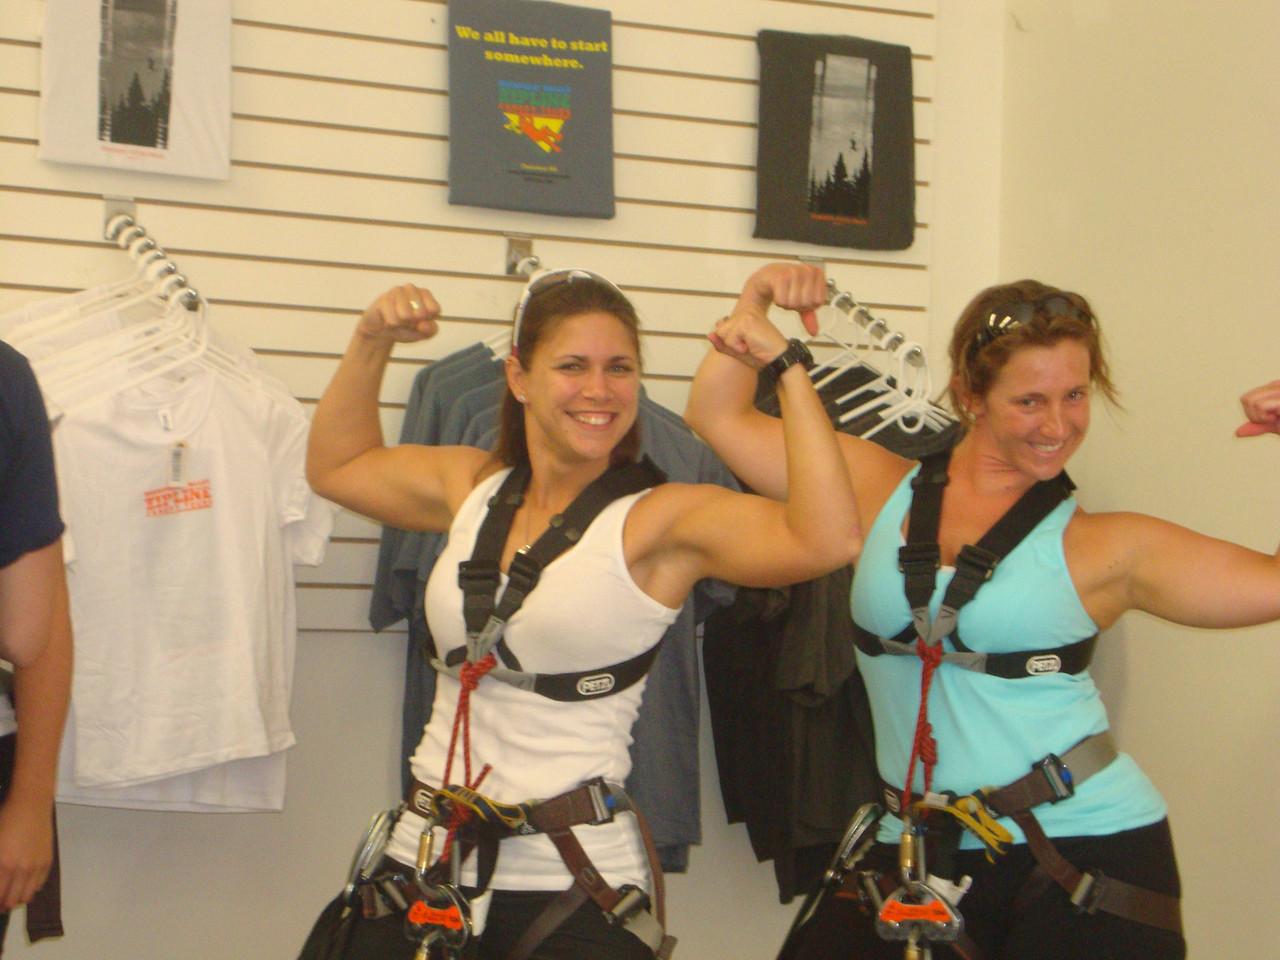 Look at those guns!